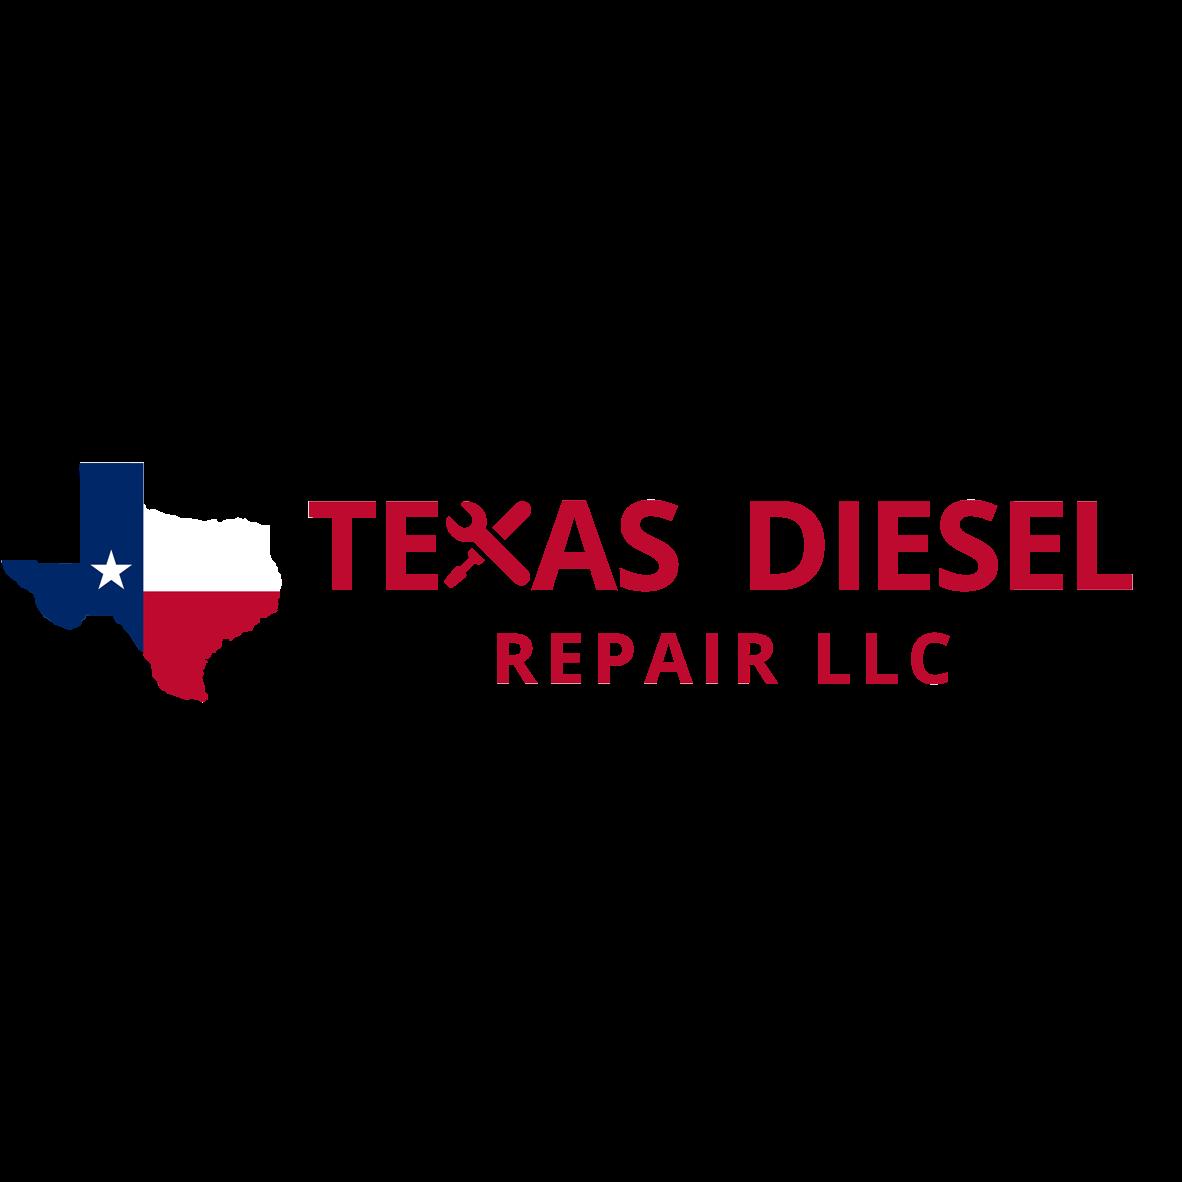 Texas Diesel Repair - Lubbock, TX 79423 - (806)496-5219 | ShowMeLocal.com